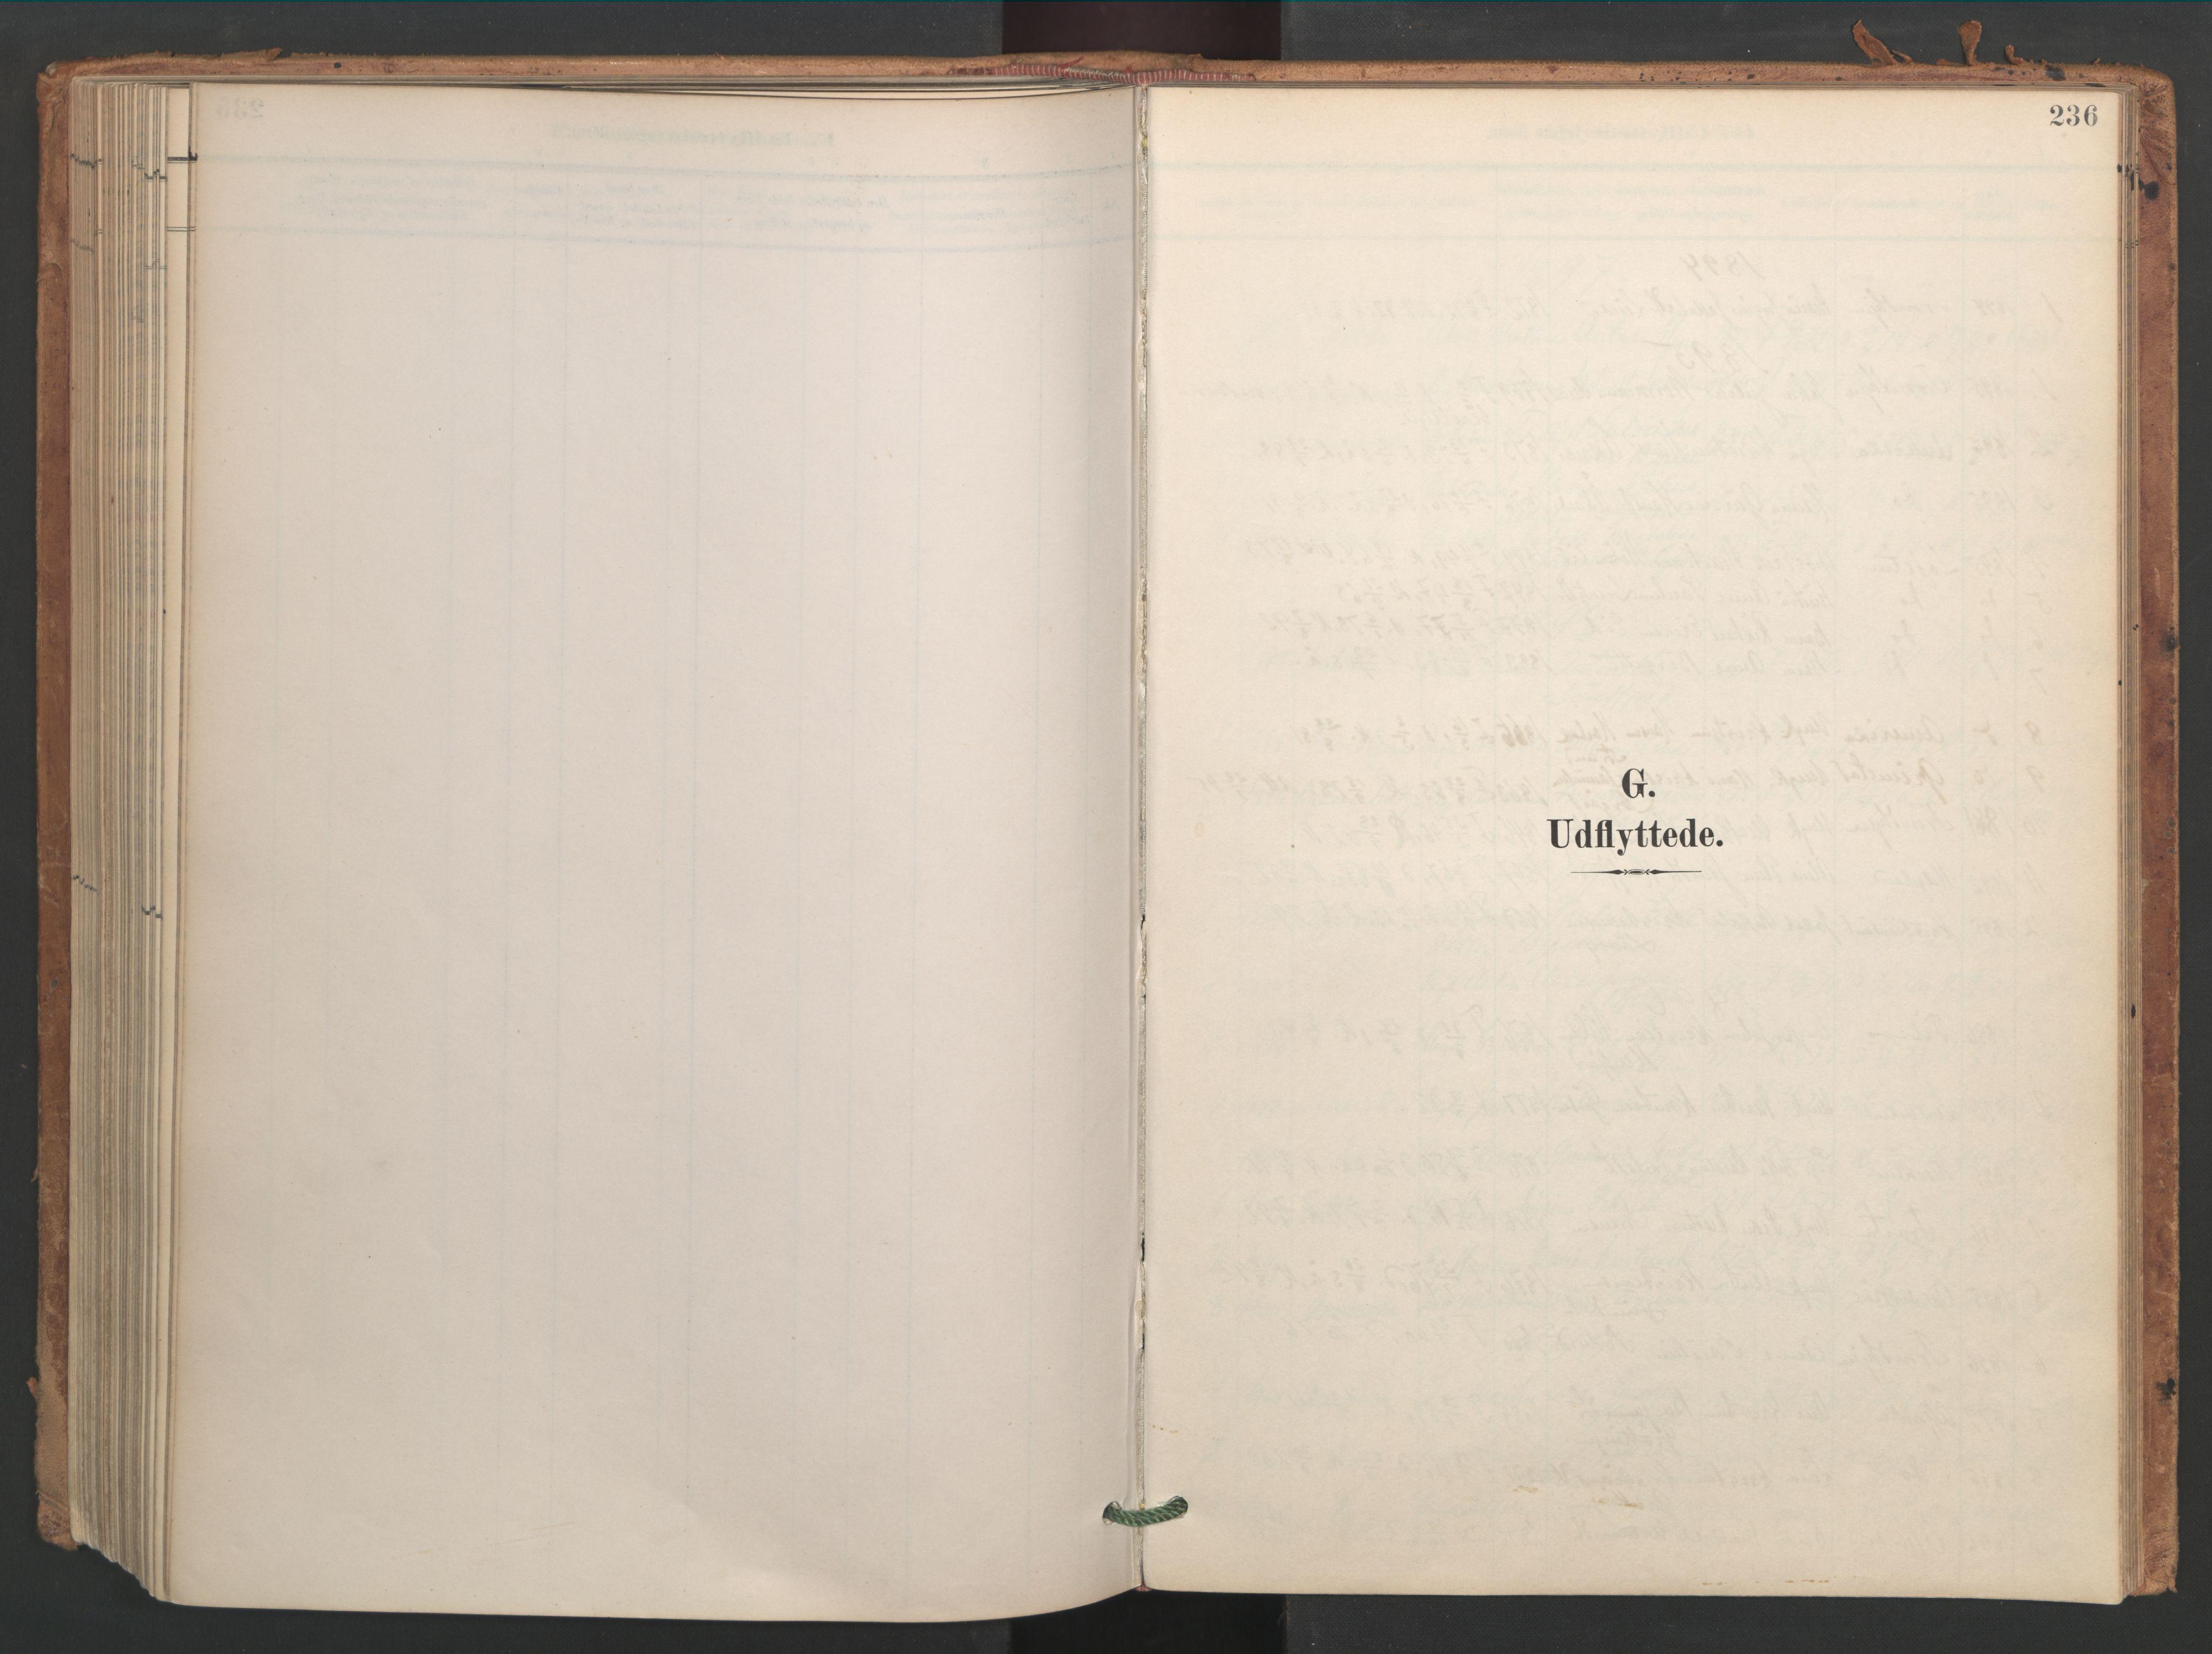 SAT, Ministerialprotokoller, klokkerbøker og fødselsregistre - Sør-Trøndelag, 656/L0693: Ministerialbok nr. 656A02, 1894-1913, s. 236